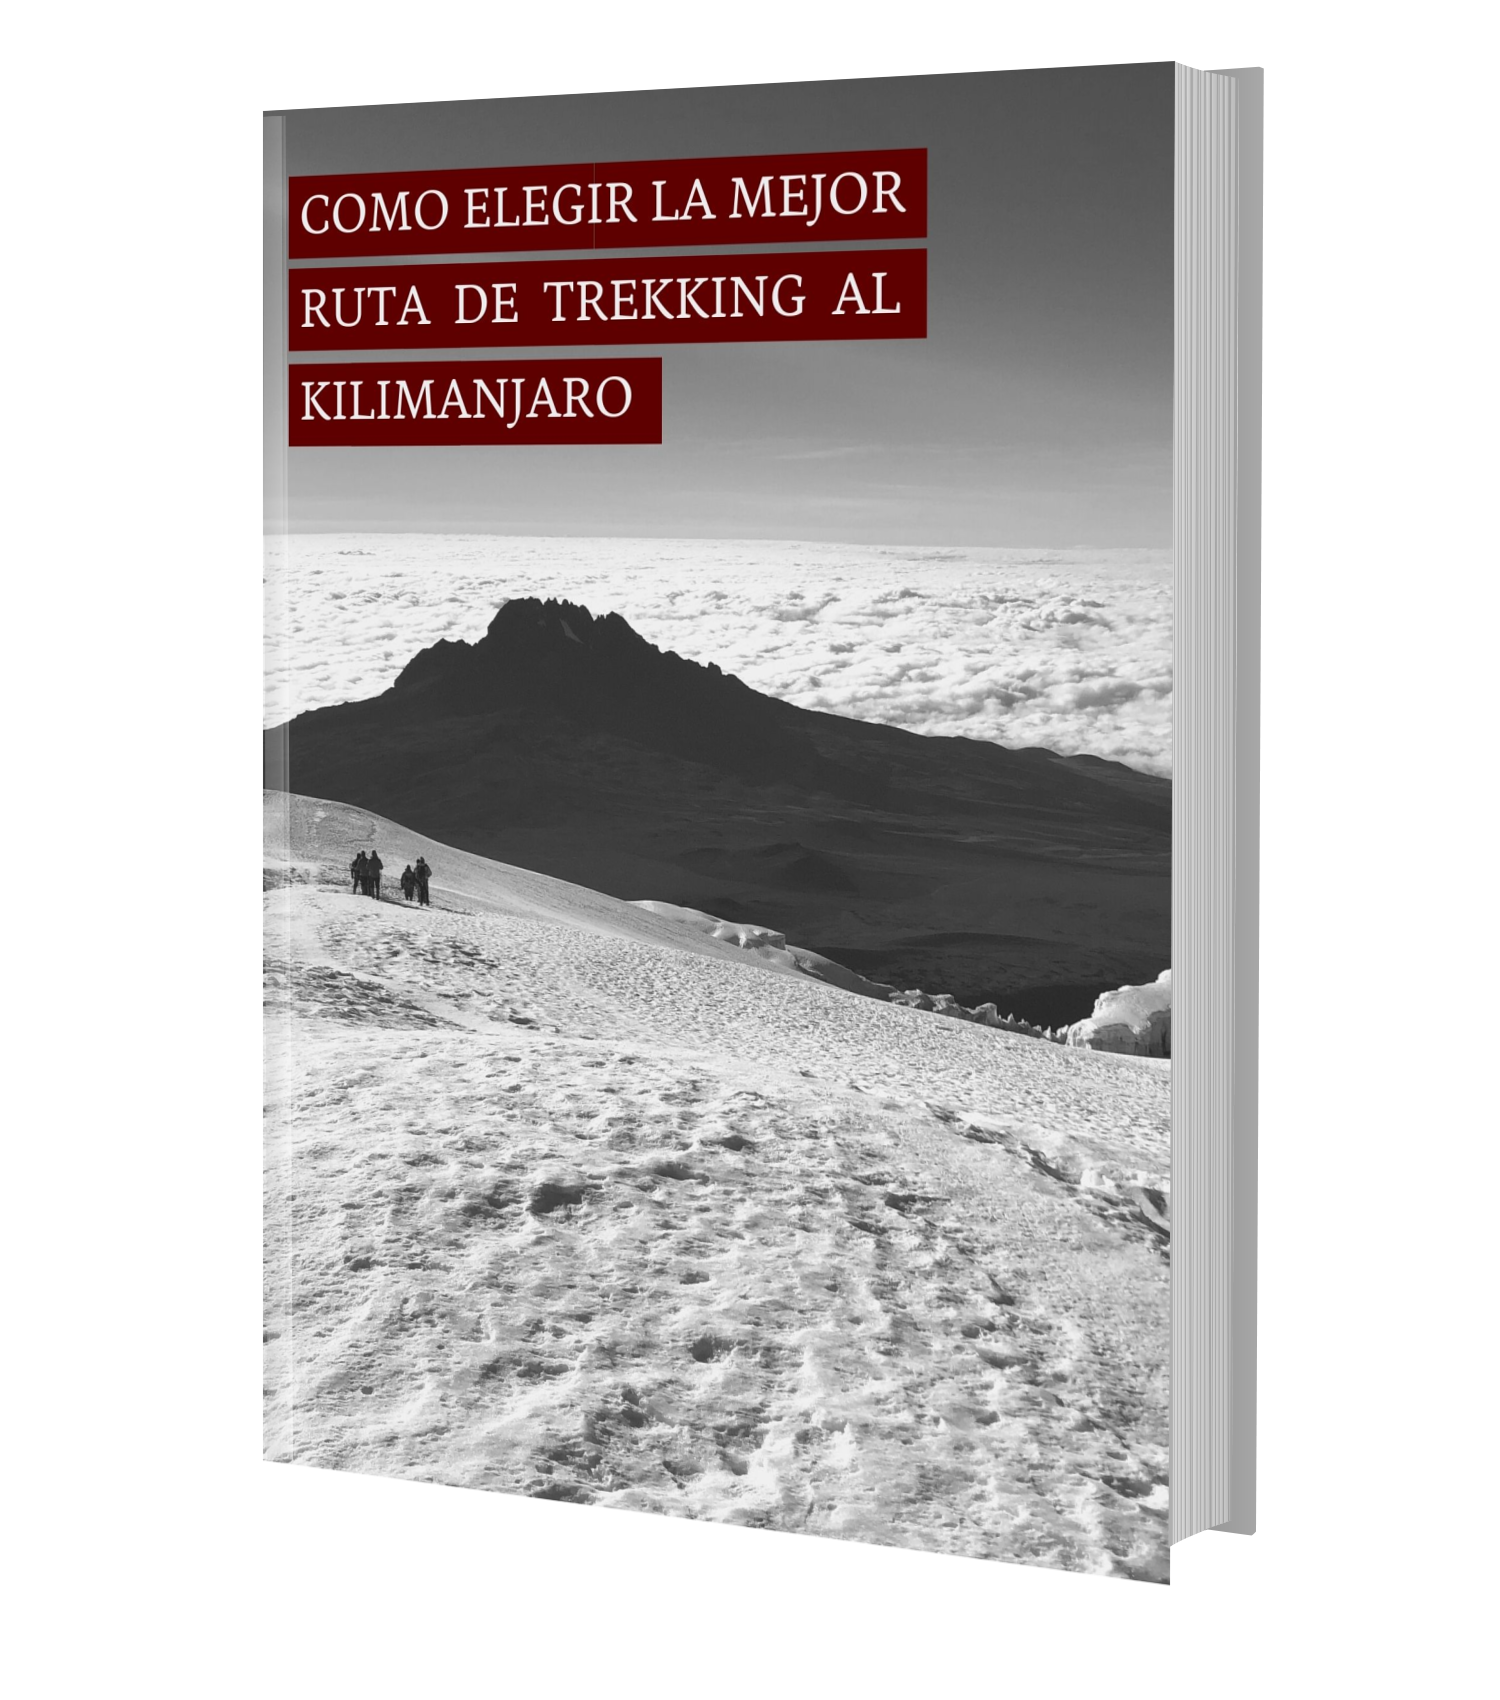 Guía con la mejor ruta de trekking del Kilimanjaro